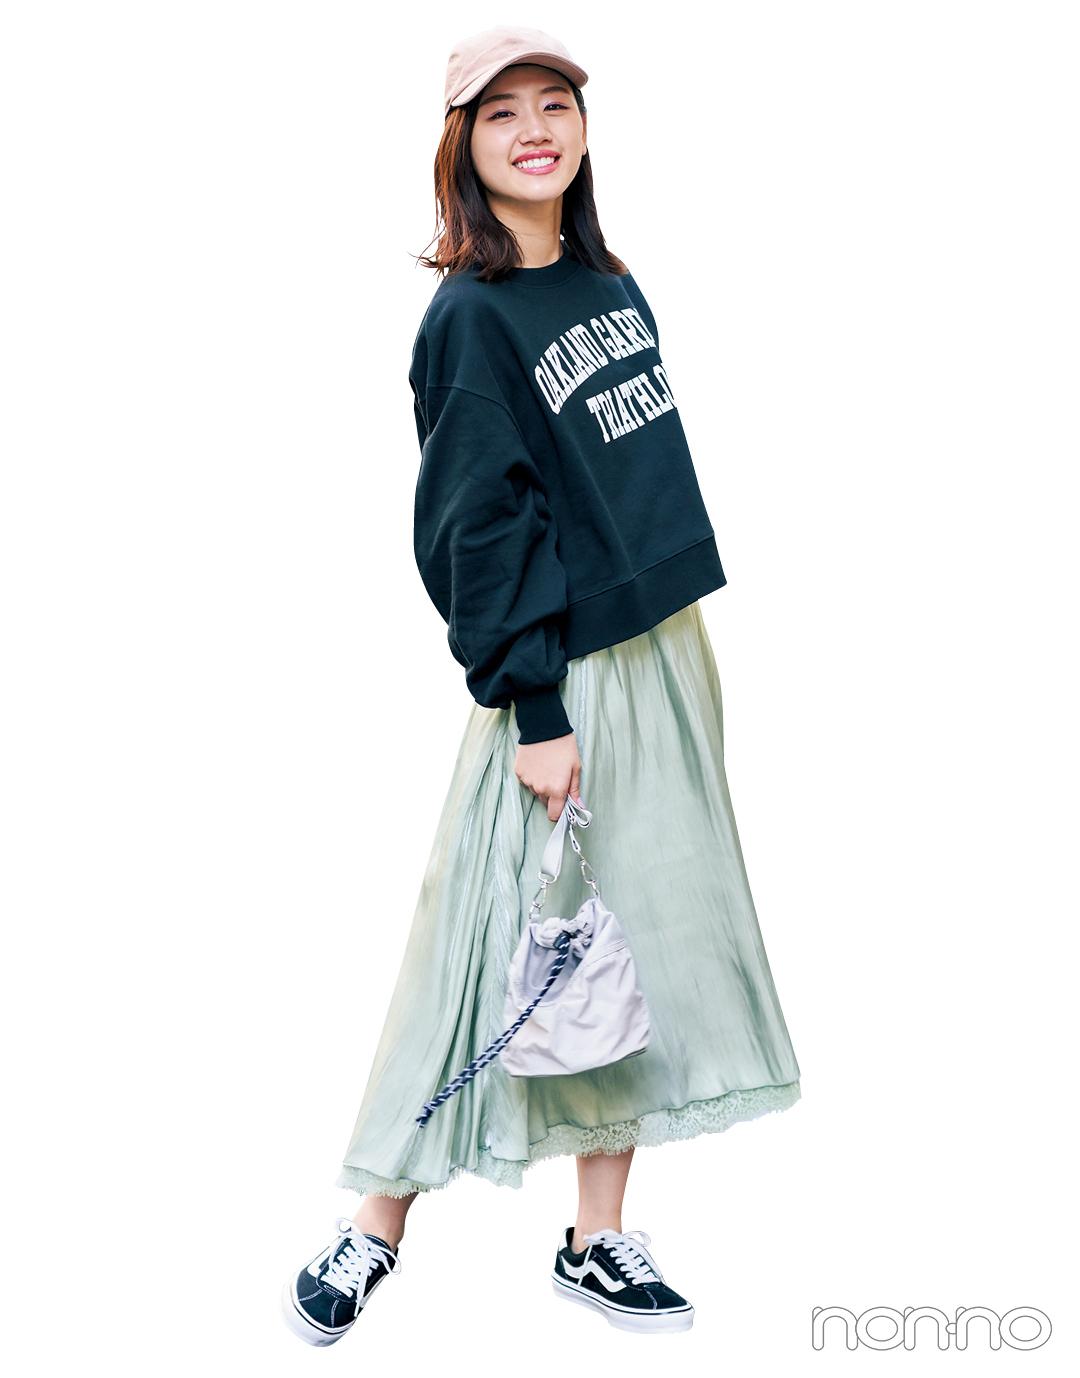 【大学生のための着倒しアイテム】スカートはこの素材感で今っぽく♡ _1_4